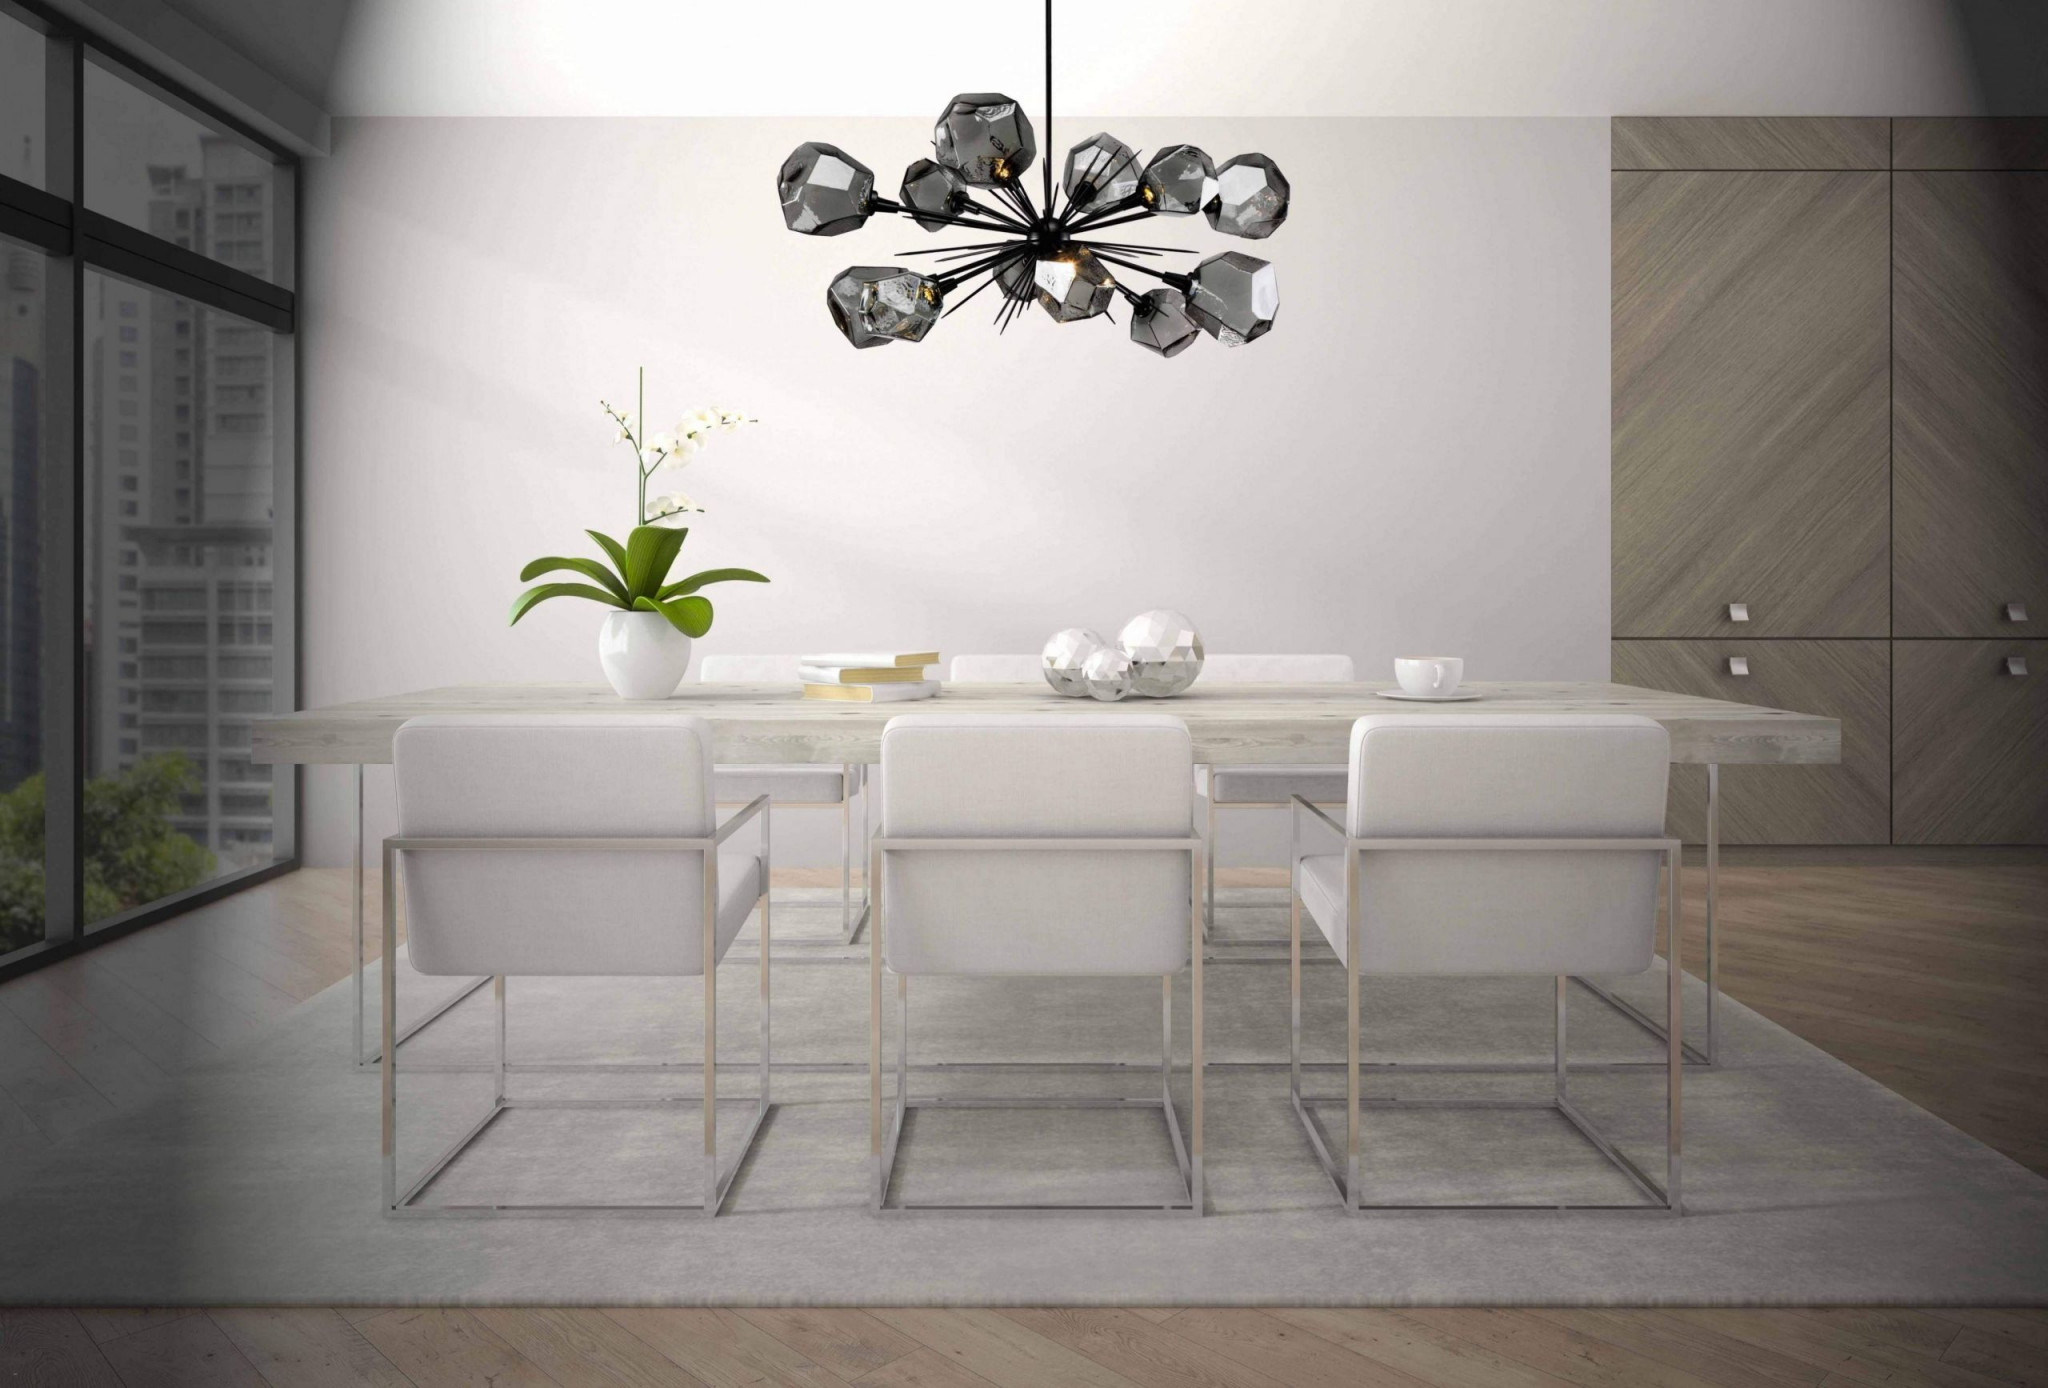 29 Schön Lampe Für Wohnzimmer Schön  Wohnzimmer Frisch von Design Lampe Wohnzimmer Bild